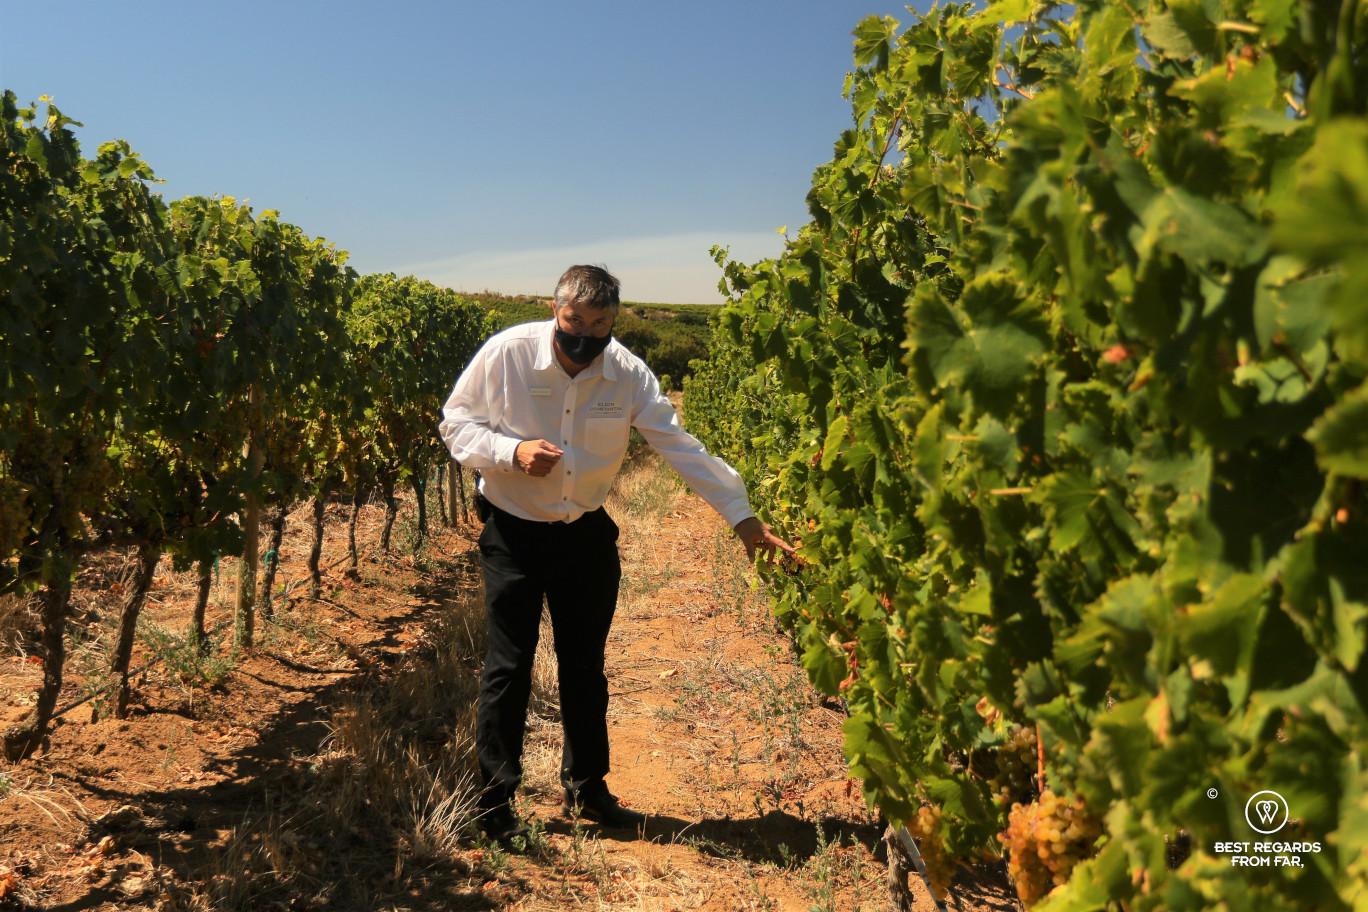 Wine safari in Klein Constantia with Alan Wickstrom in the vineyard, Constantia wine route, Cape Town